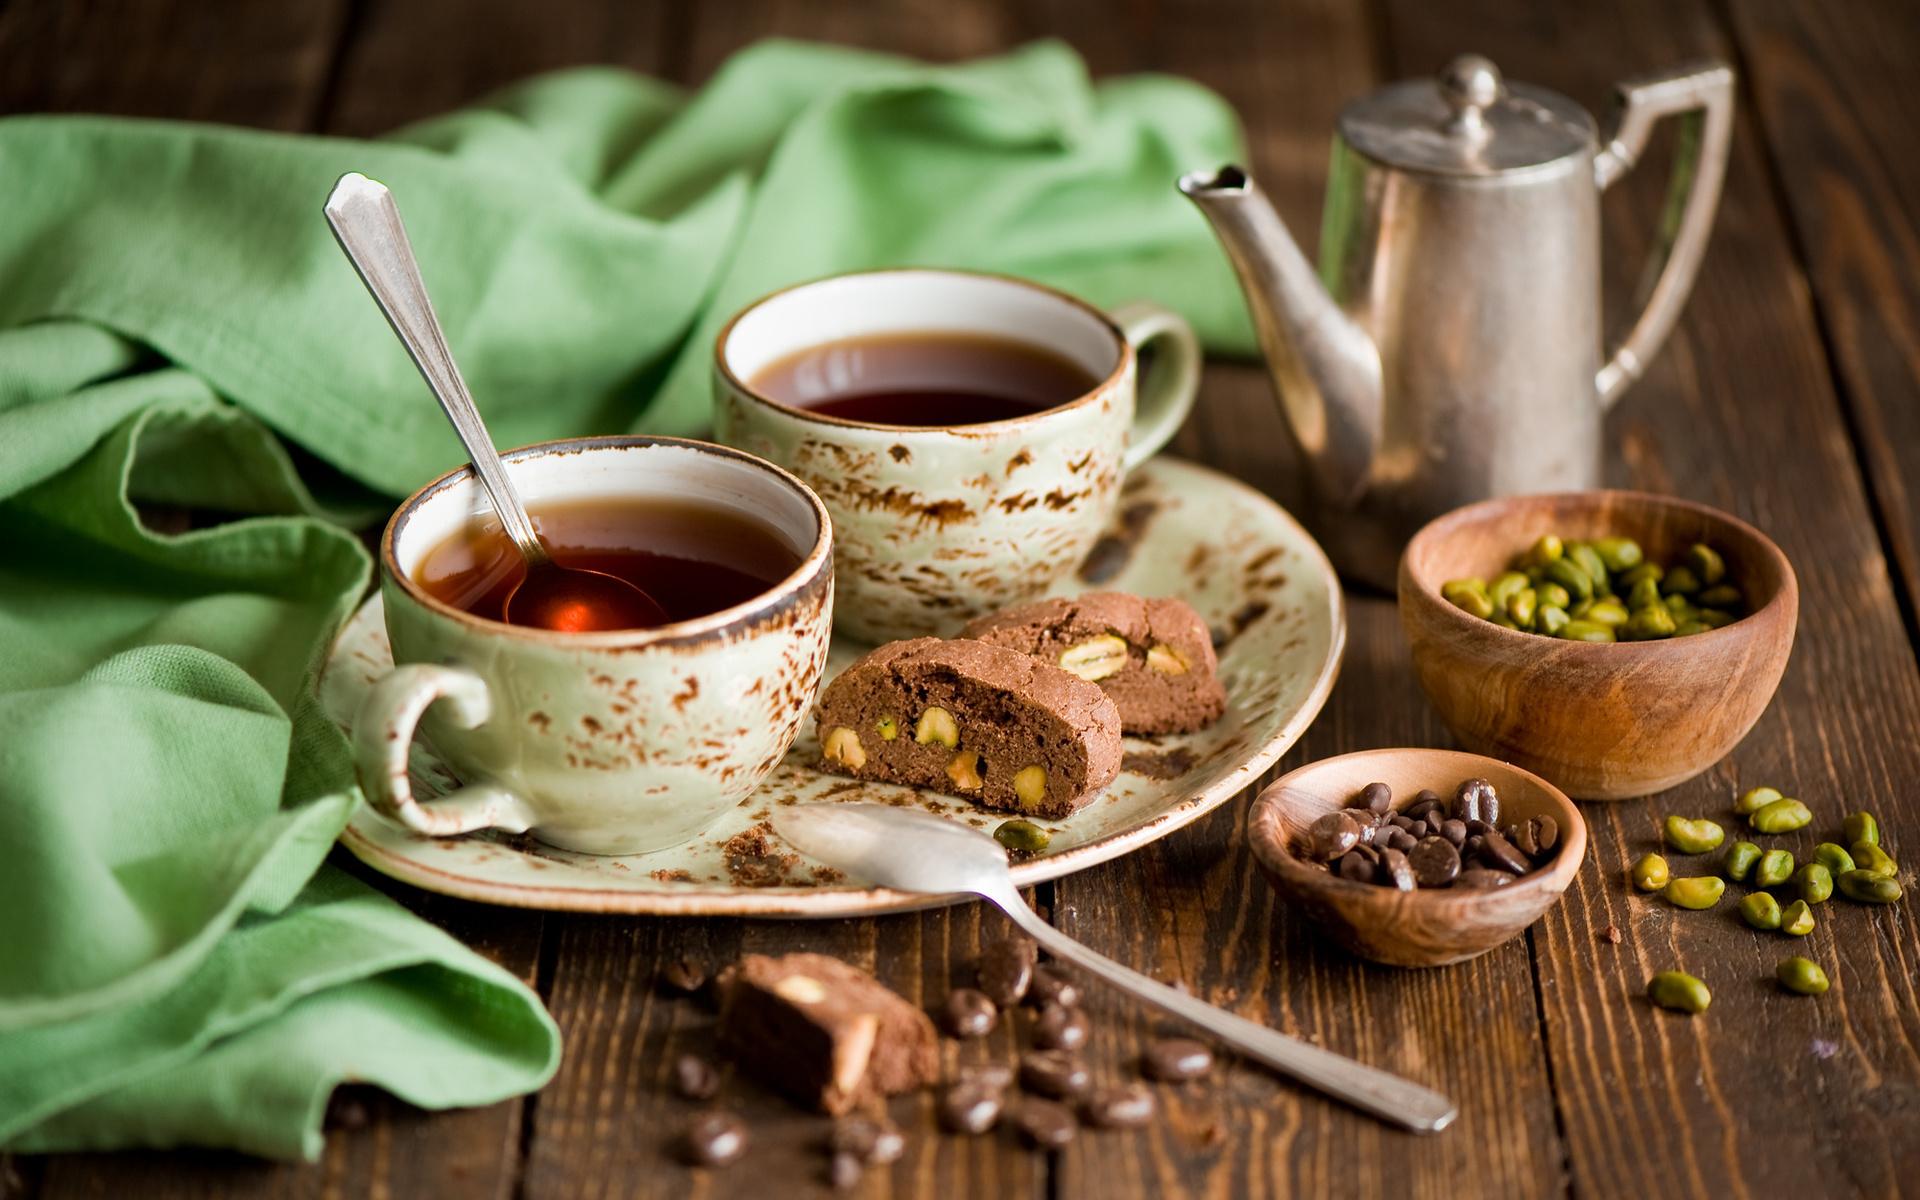 картинки на рабочий стол чай кофе сладкое работой столице